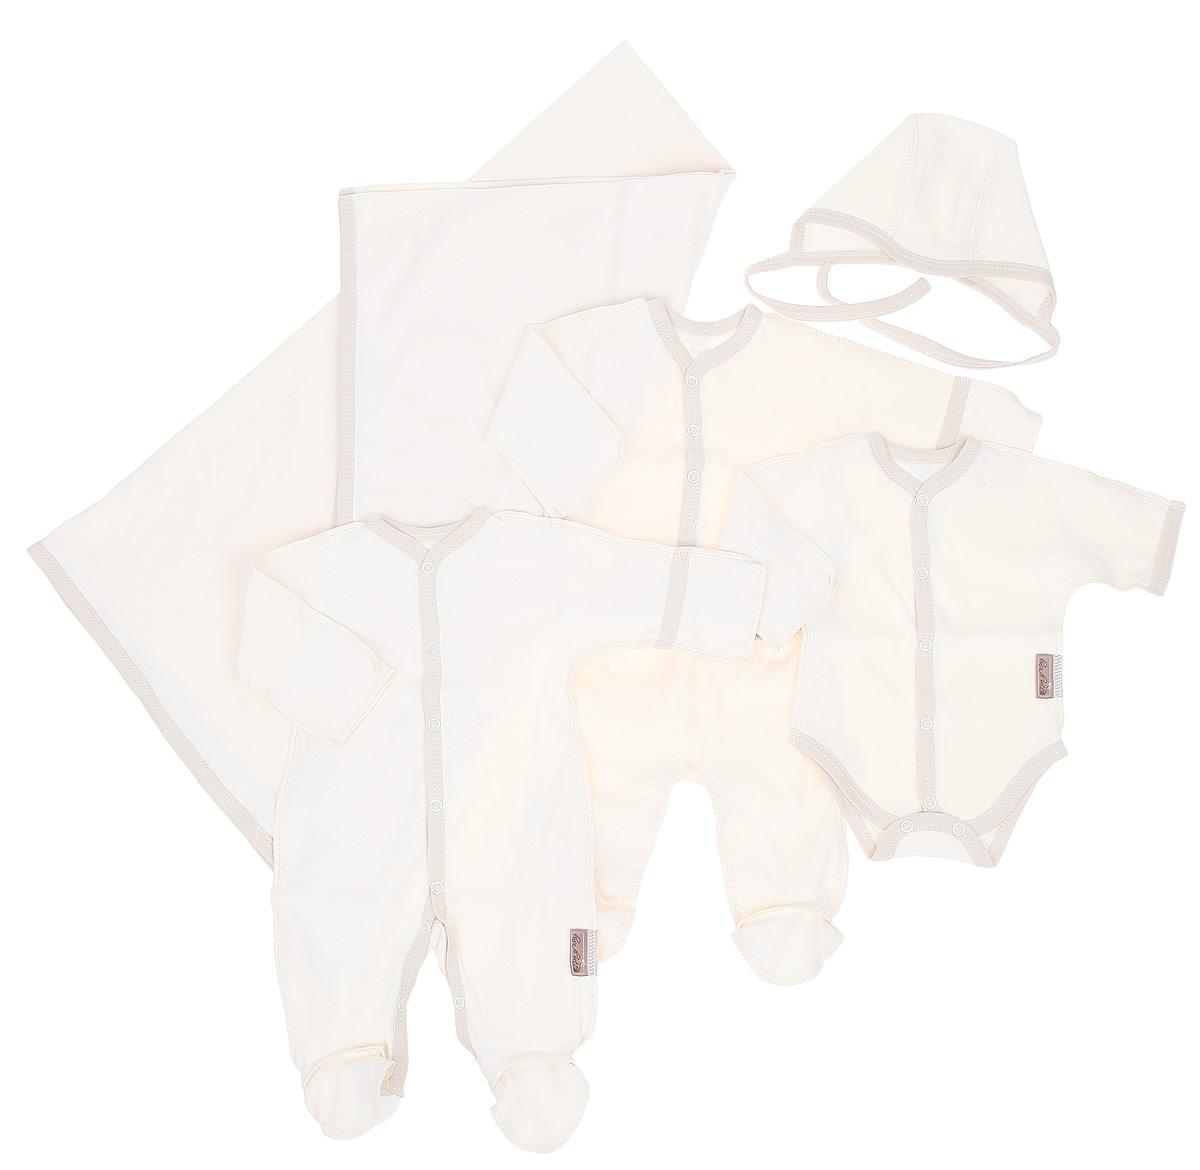 Комплект на выписку Linea di sette , цвет: молочный, 6 предметов. 08-3006. Размер 50, 0-3 месяцев08-3006Очаровательный комплект на выписку Linea di sette уникален своей возможностью использования, как при рождении девочки, так и при рождении мальчика.Комплект включает в себя шесть предметов: комбинезон, боди, кофточку, ползунки, чепчик и пеленку, которые выполнены из нежного органического хлопка.Легкий комбинезон с длинными рукавами и закрытыми ножками. Комбинезон по всей длине оснащен кнопочной застежкой, которая позволит вам легко одеть малыша.Боди с длинными рукавами и кнопочной застежкой по центру и низу изделия. Практичная застежка позволит быстро одеть или сменить подгузник малышу.Ползунки с широким эластичным поясом не стеснят движений вашего малыша.Уютная кофточка с длинными рукавами застегивается на кнопки.Тонкий хлопковый чепчик с завязками и плоскими швами защитит еще не заросший родничок, чувствительный слух малыша, а также прикрывет ушки и предохраняет от теплопотерь.День, когда малыш появился на свет - это поистине самый главный момент в жизни каждой семейной пары. День выписки из роддома - важный день не только для родителей, но и для всех родственников и друзей, вот почему красивые и удобные комплекты для новорожденных на выписку сегодня пользуются довольно высоким спросом, ведь каждая мама и папа желают показать своего ребенка во всей красе.